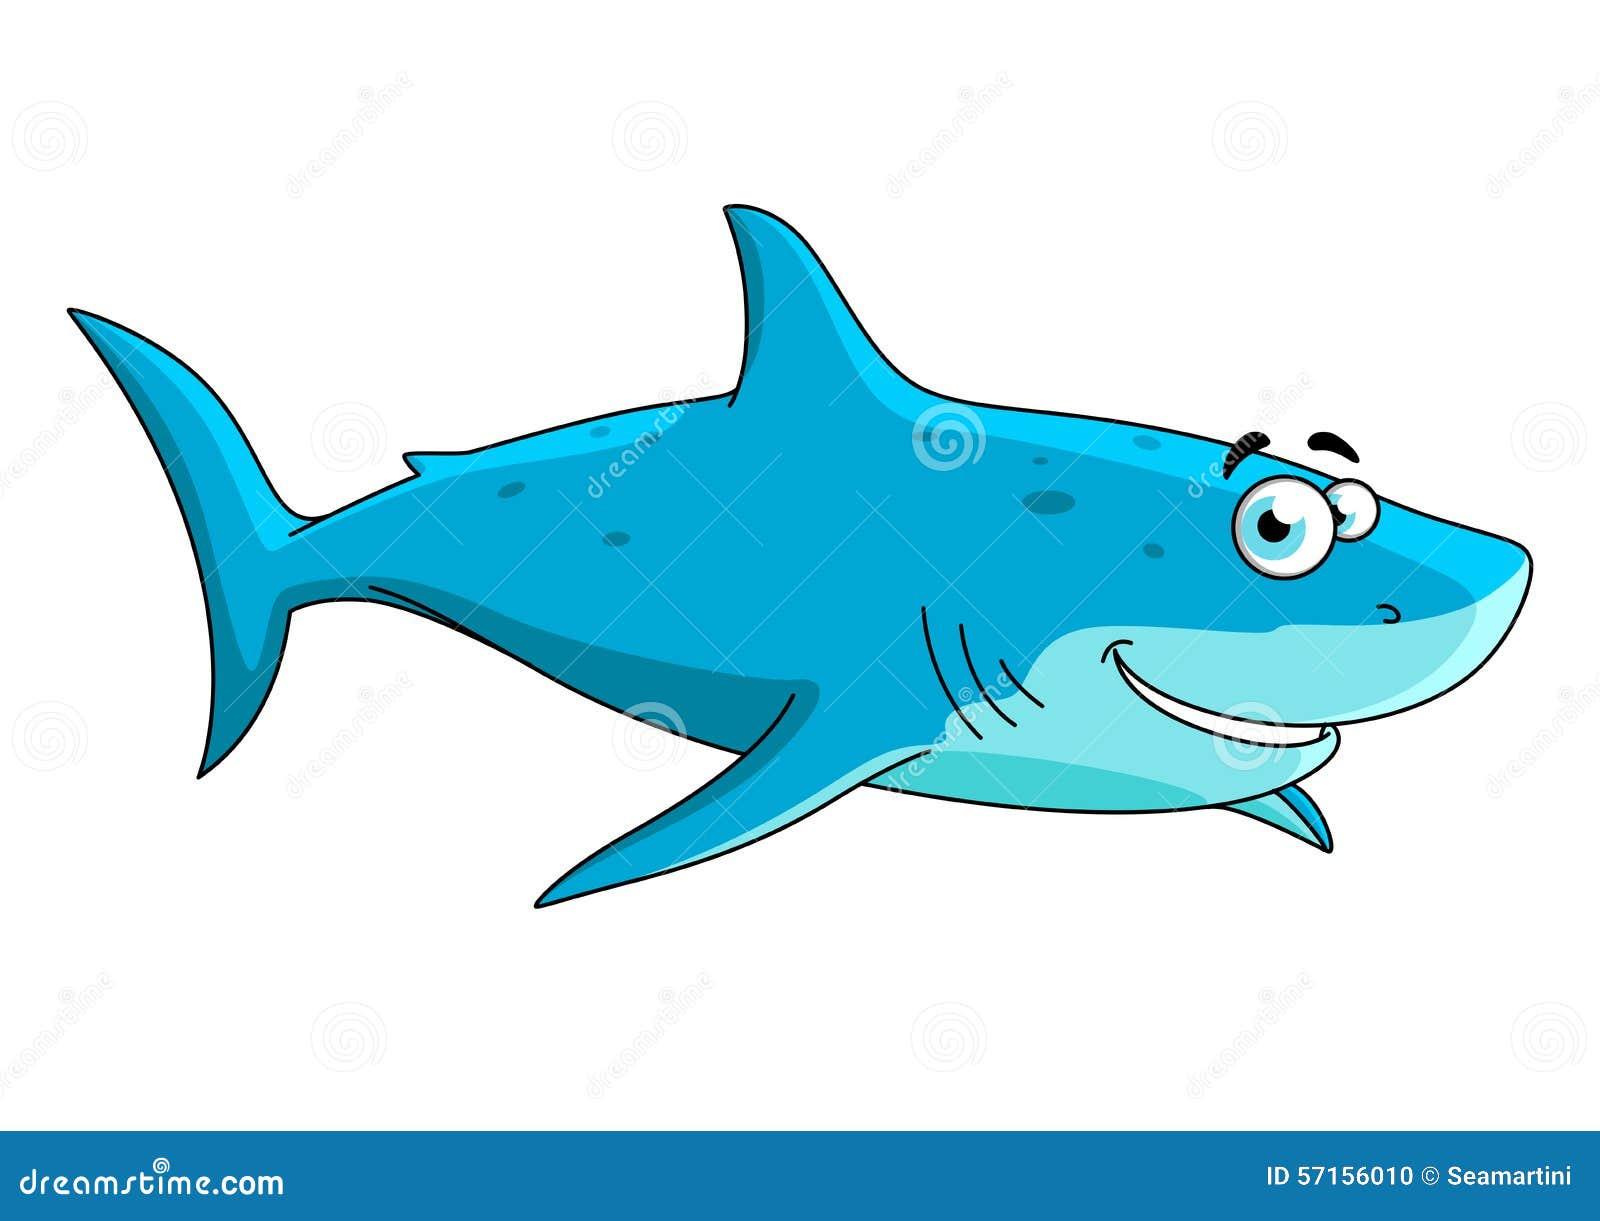 Grand personnage de dessin anim de natation de requin illustration de vecteur illustration du - Dessin de grand requin blanc ...